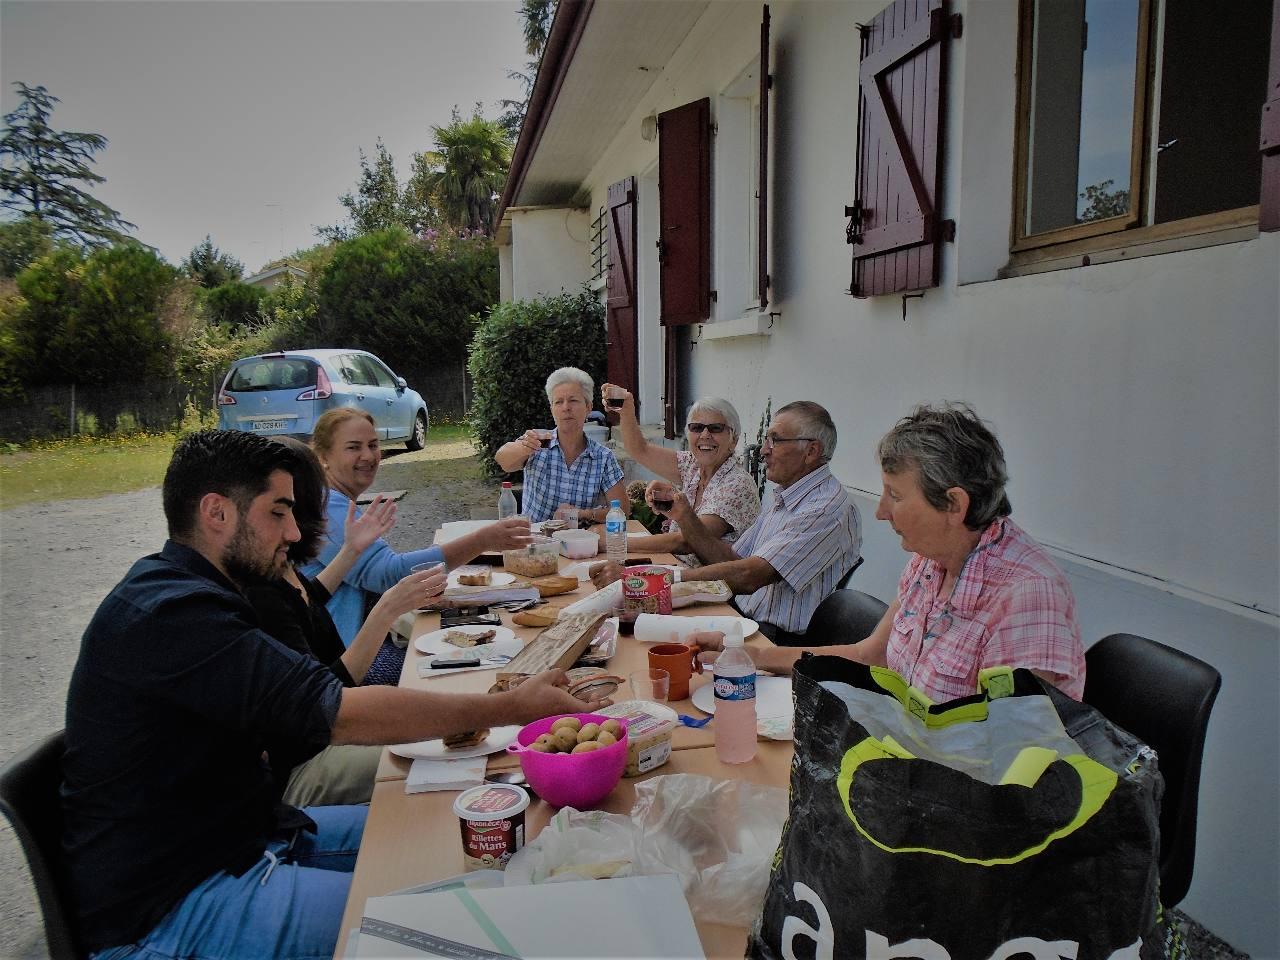 Santé !... A gauche, au fond, Marie-Noëlle de St Pée sur Nivelle, vice-présidente de l'Ace Pays-Basque